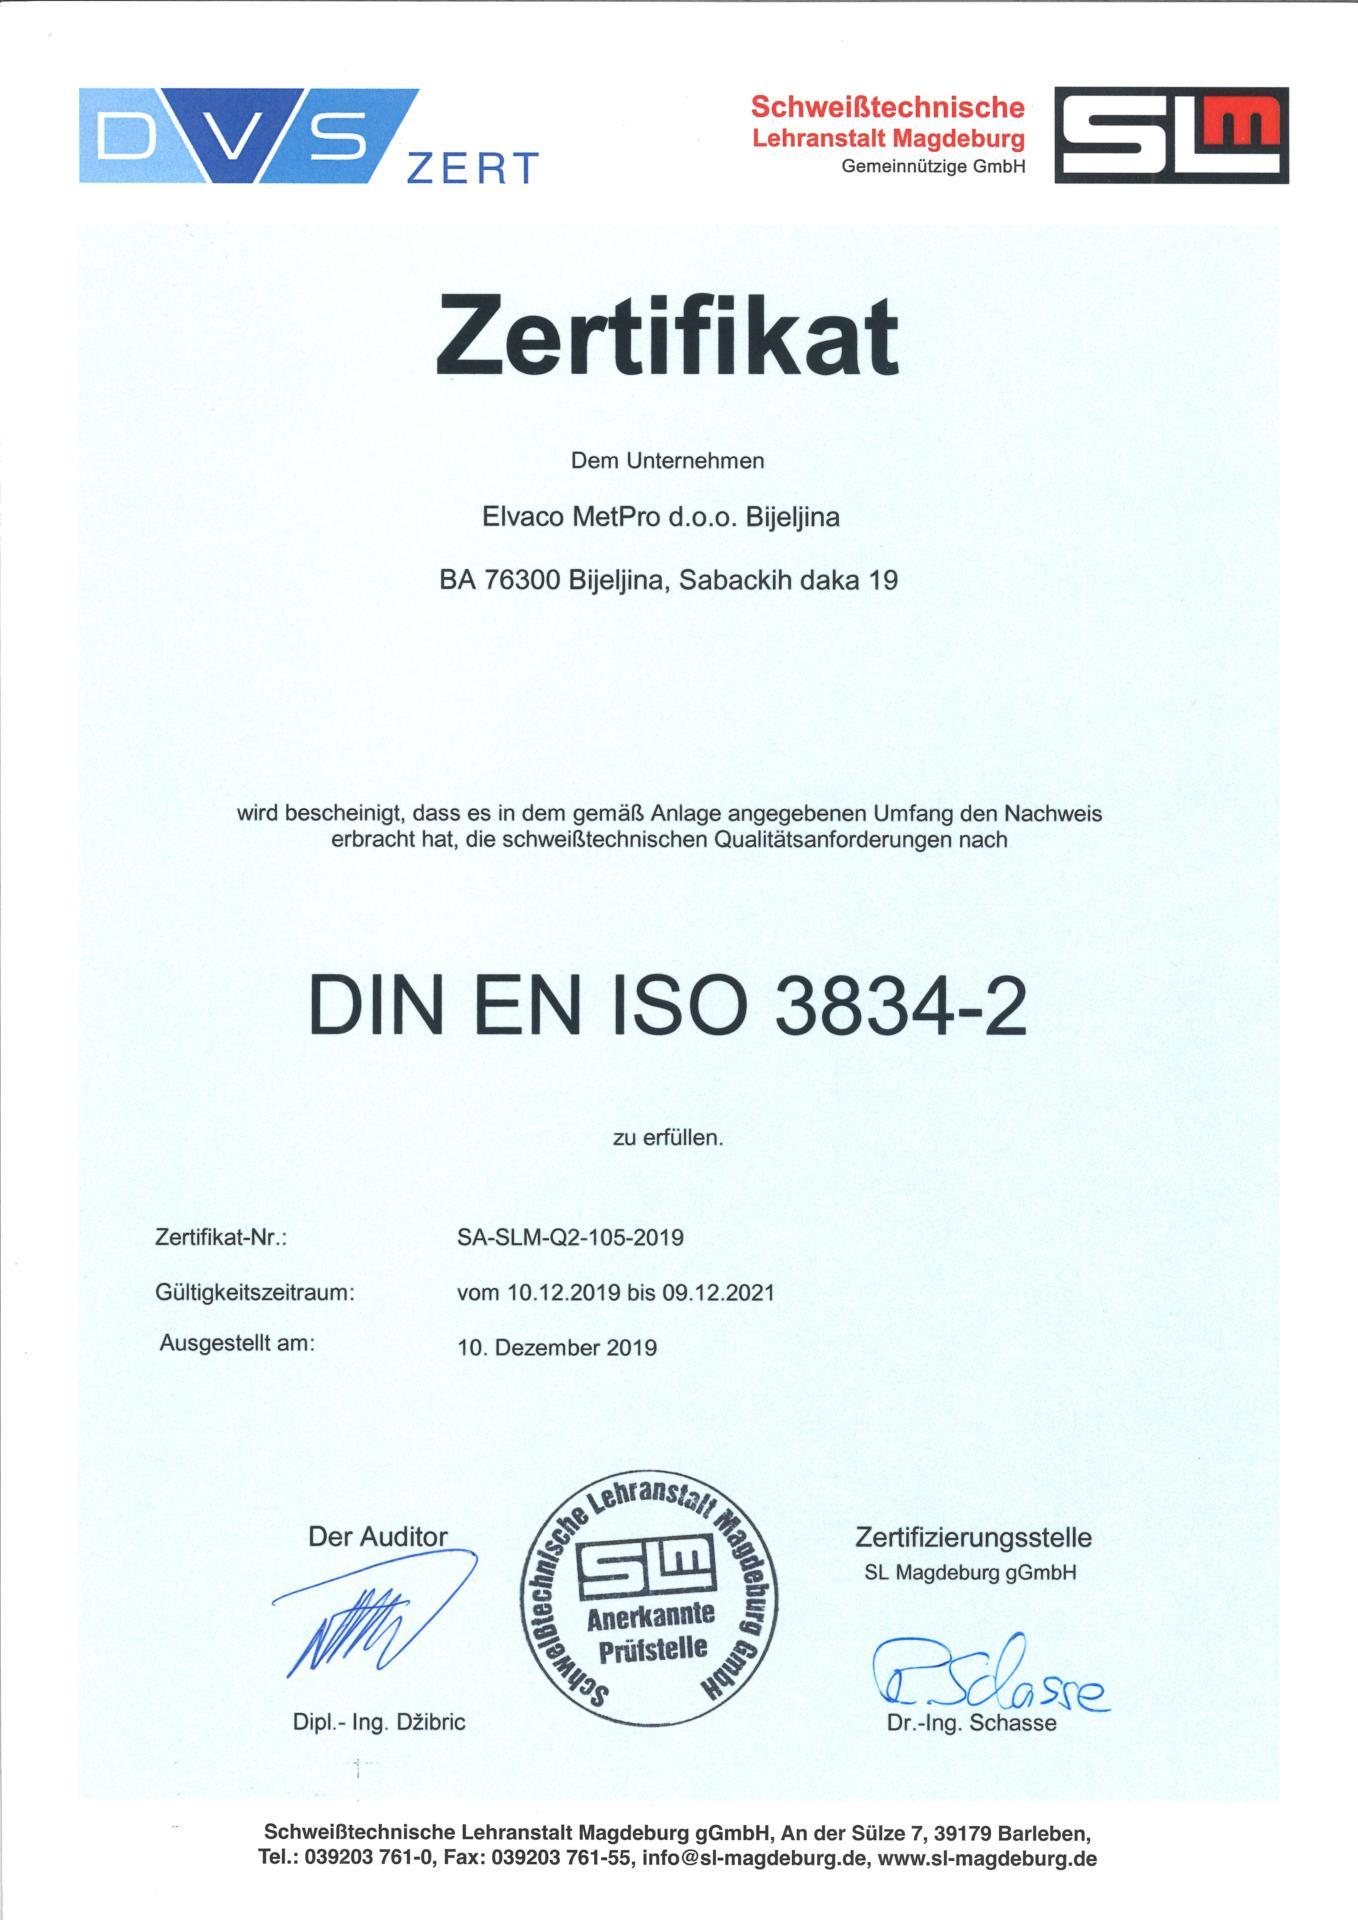 Elvaco MetPro zertifikat DIN EN ISO 3834-2